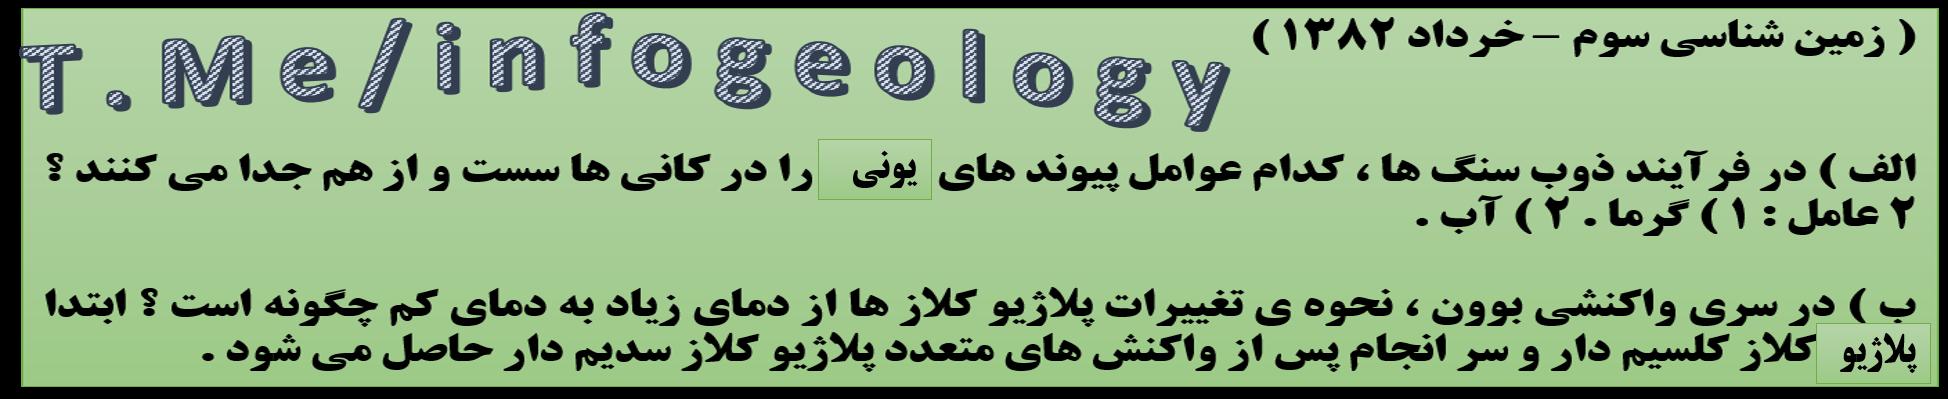 85 - سوال امتحانی زمین شناسی سوم . خرداد 1382 .